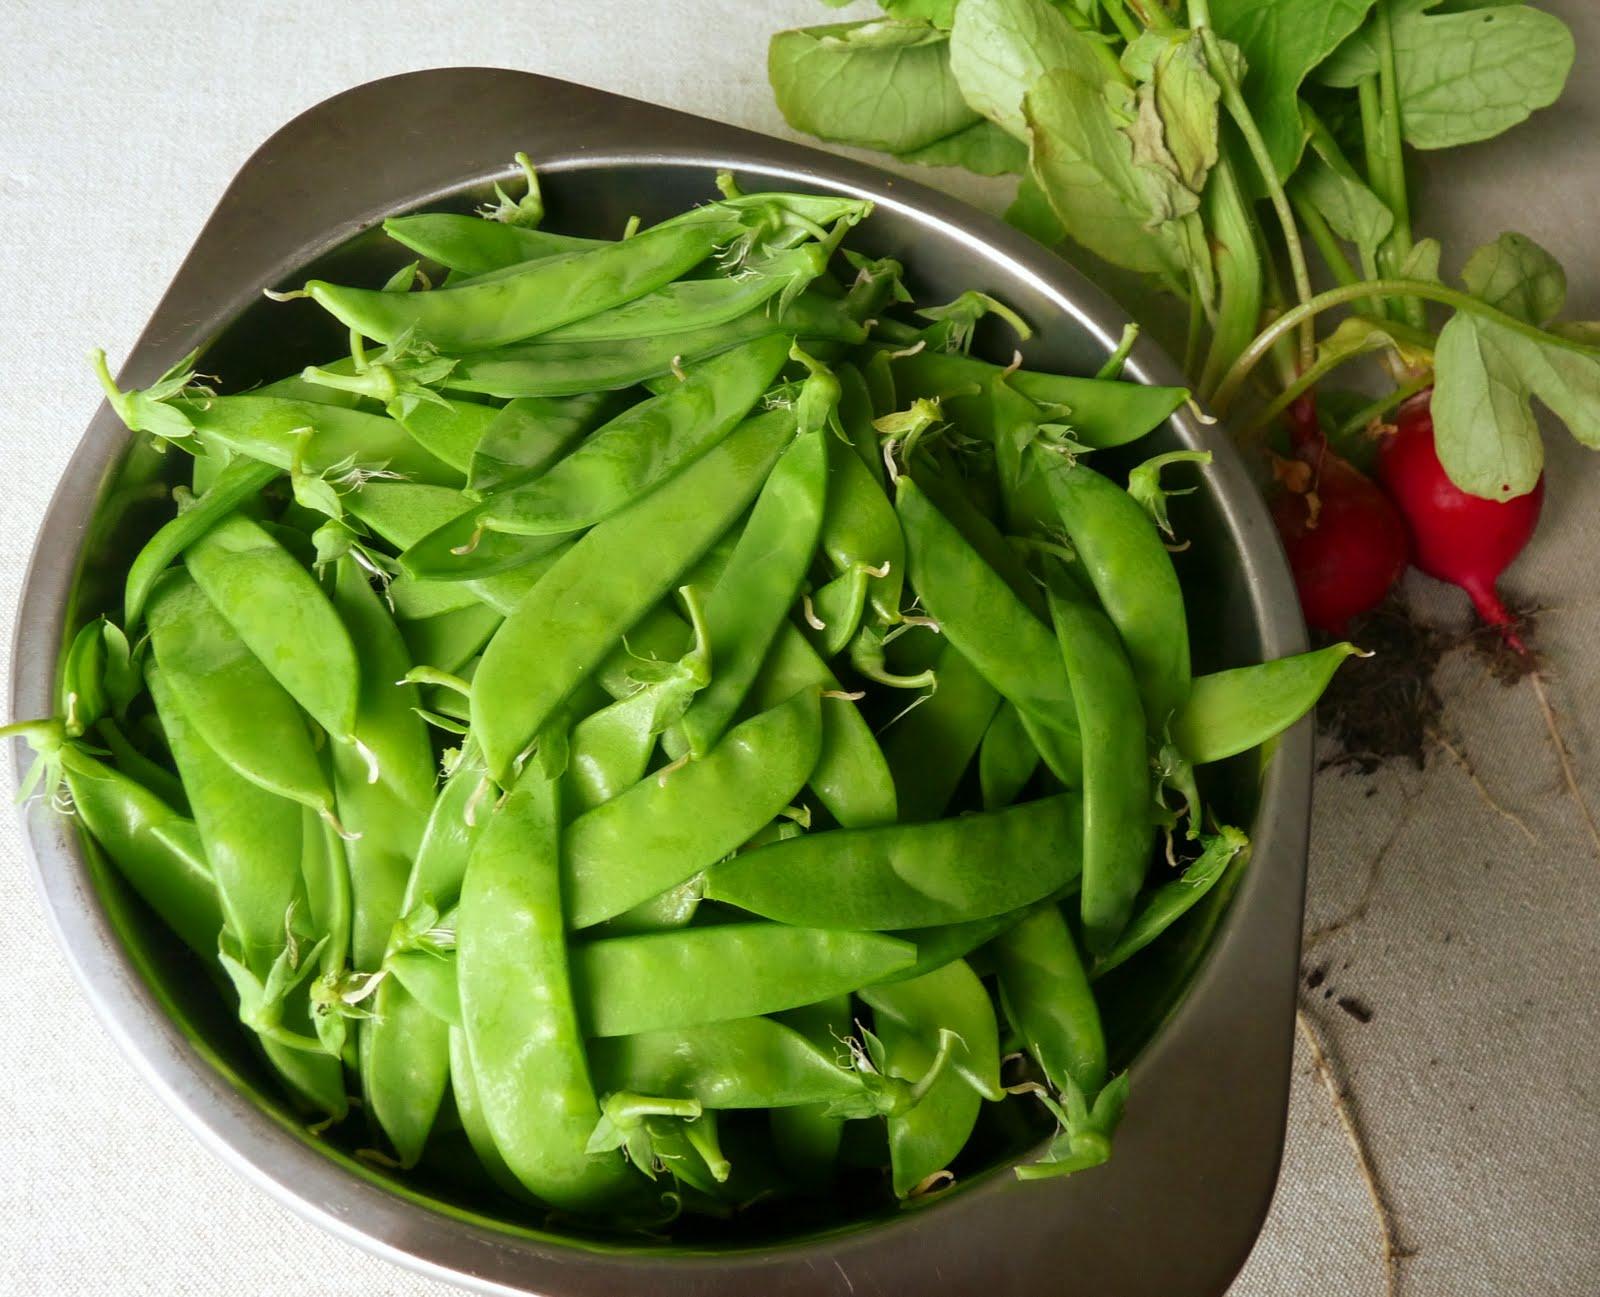 Seasonal Ontario Food: Norli Snow Peas